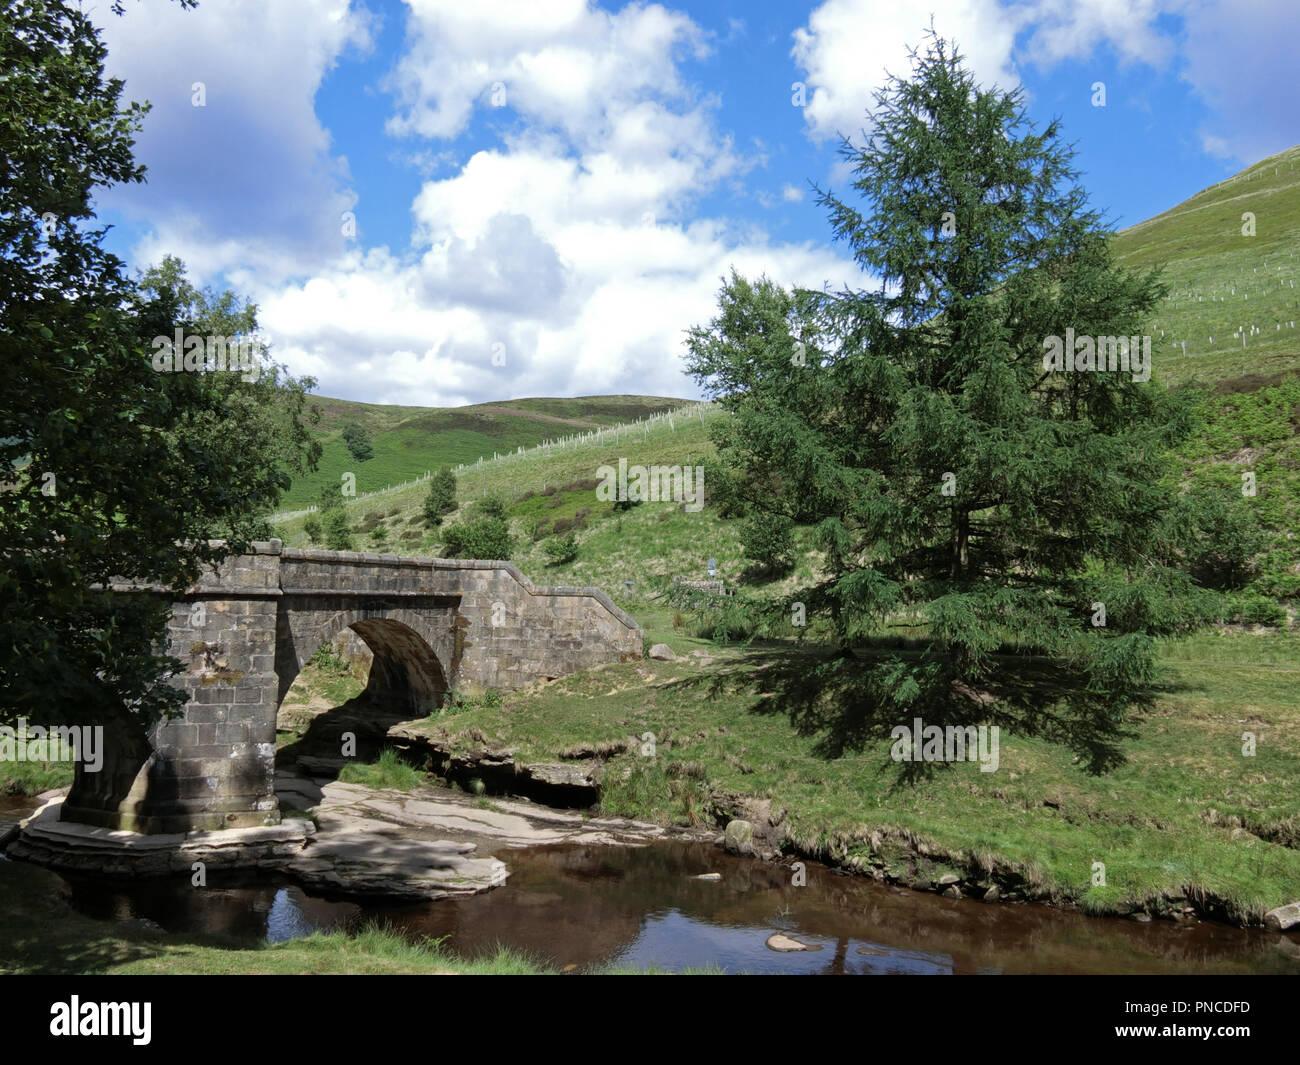 Slippery Stones Packhorse Bridge & River Derwent, Upper Derwent Valley, Peak District National Park, Derbyshire, England, UK - Stock Image